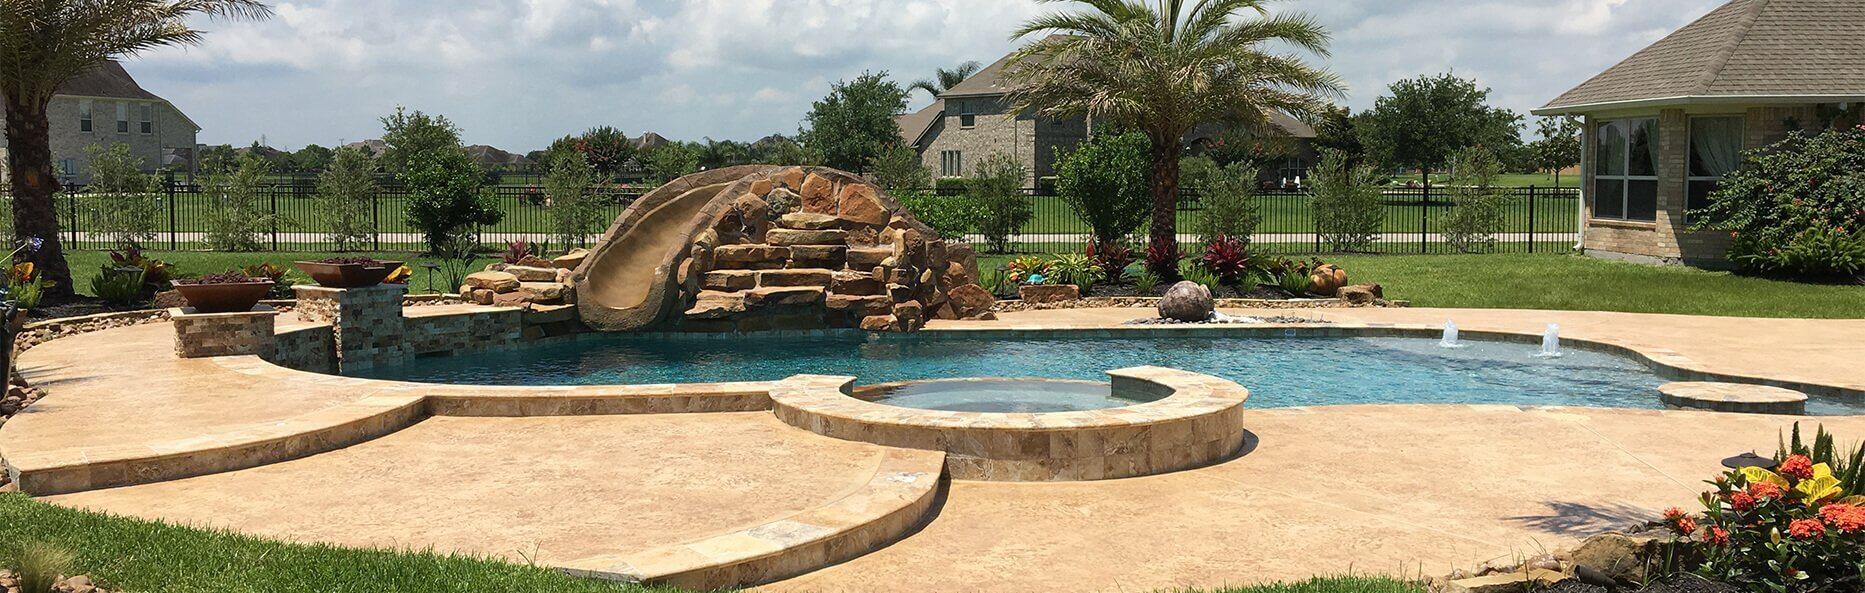 Pool Builder Houston League City